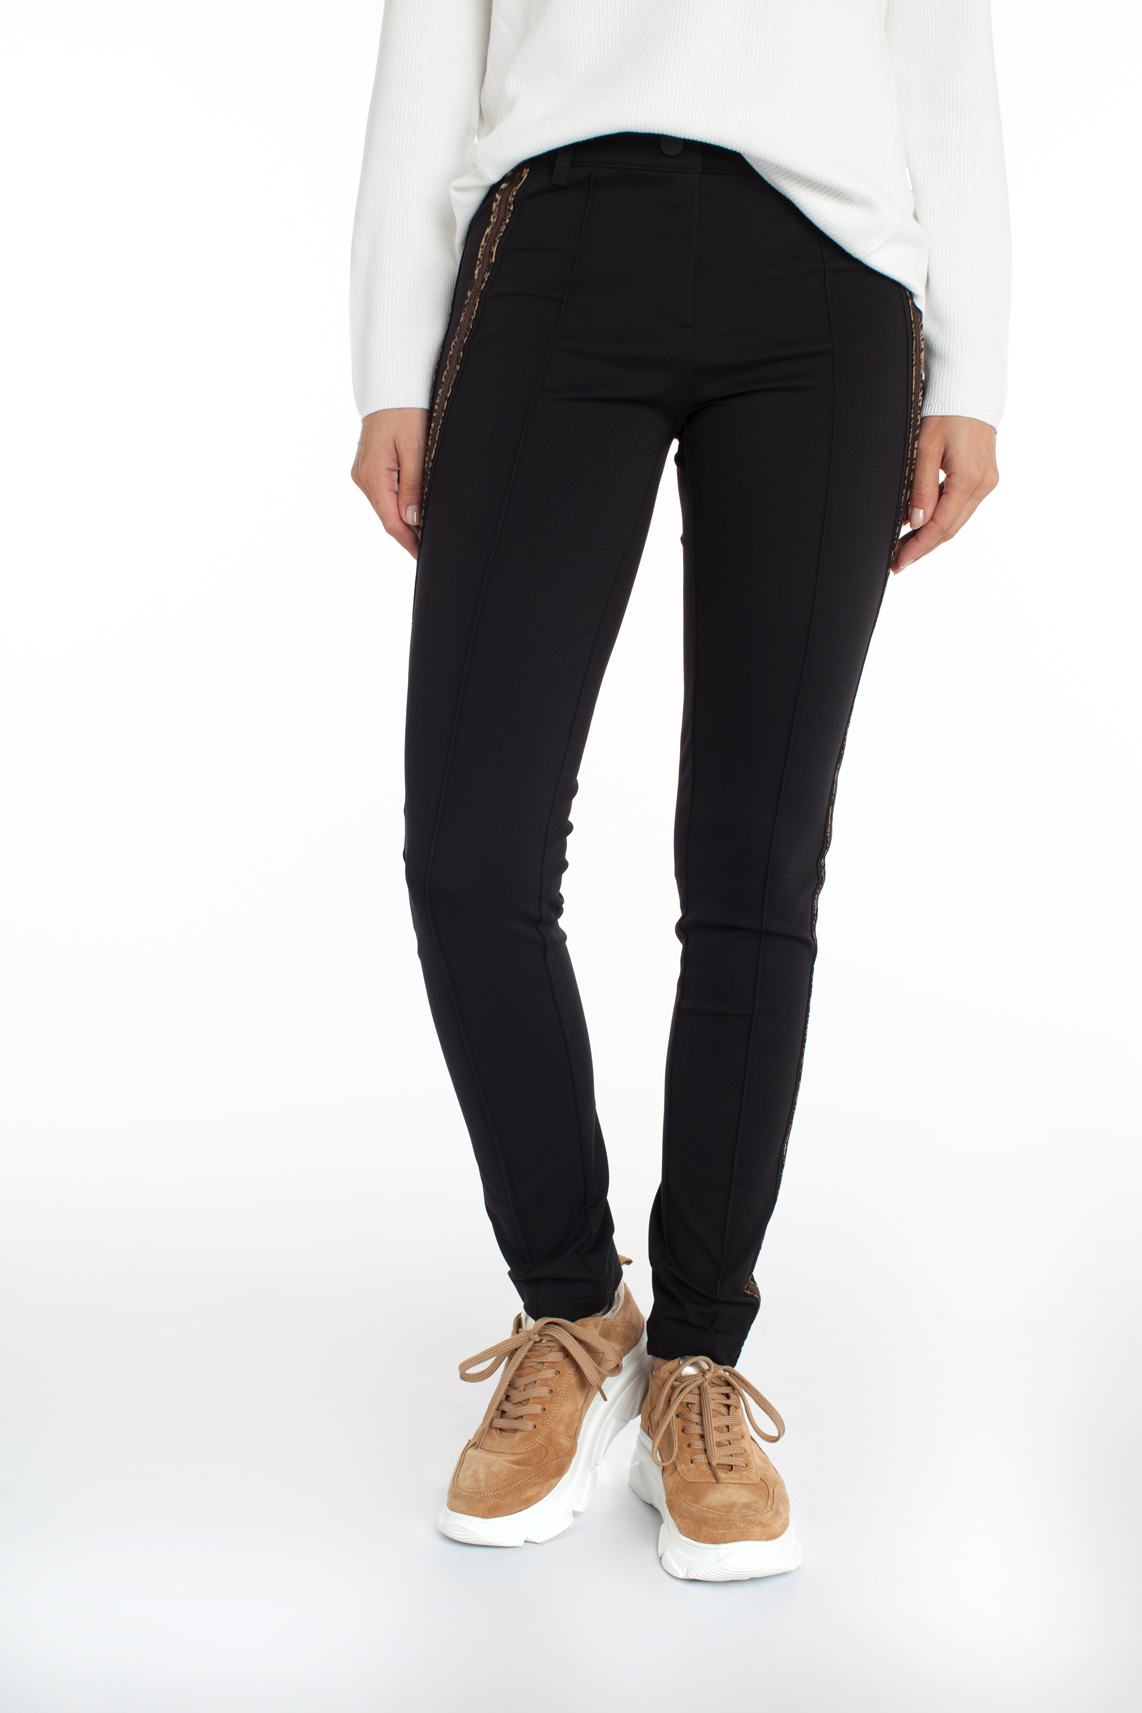 Rosner Dames Antonia pantalon met panterprint bies zwart